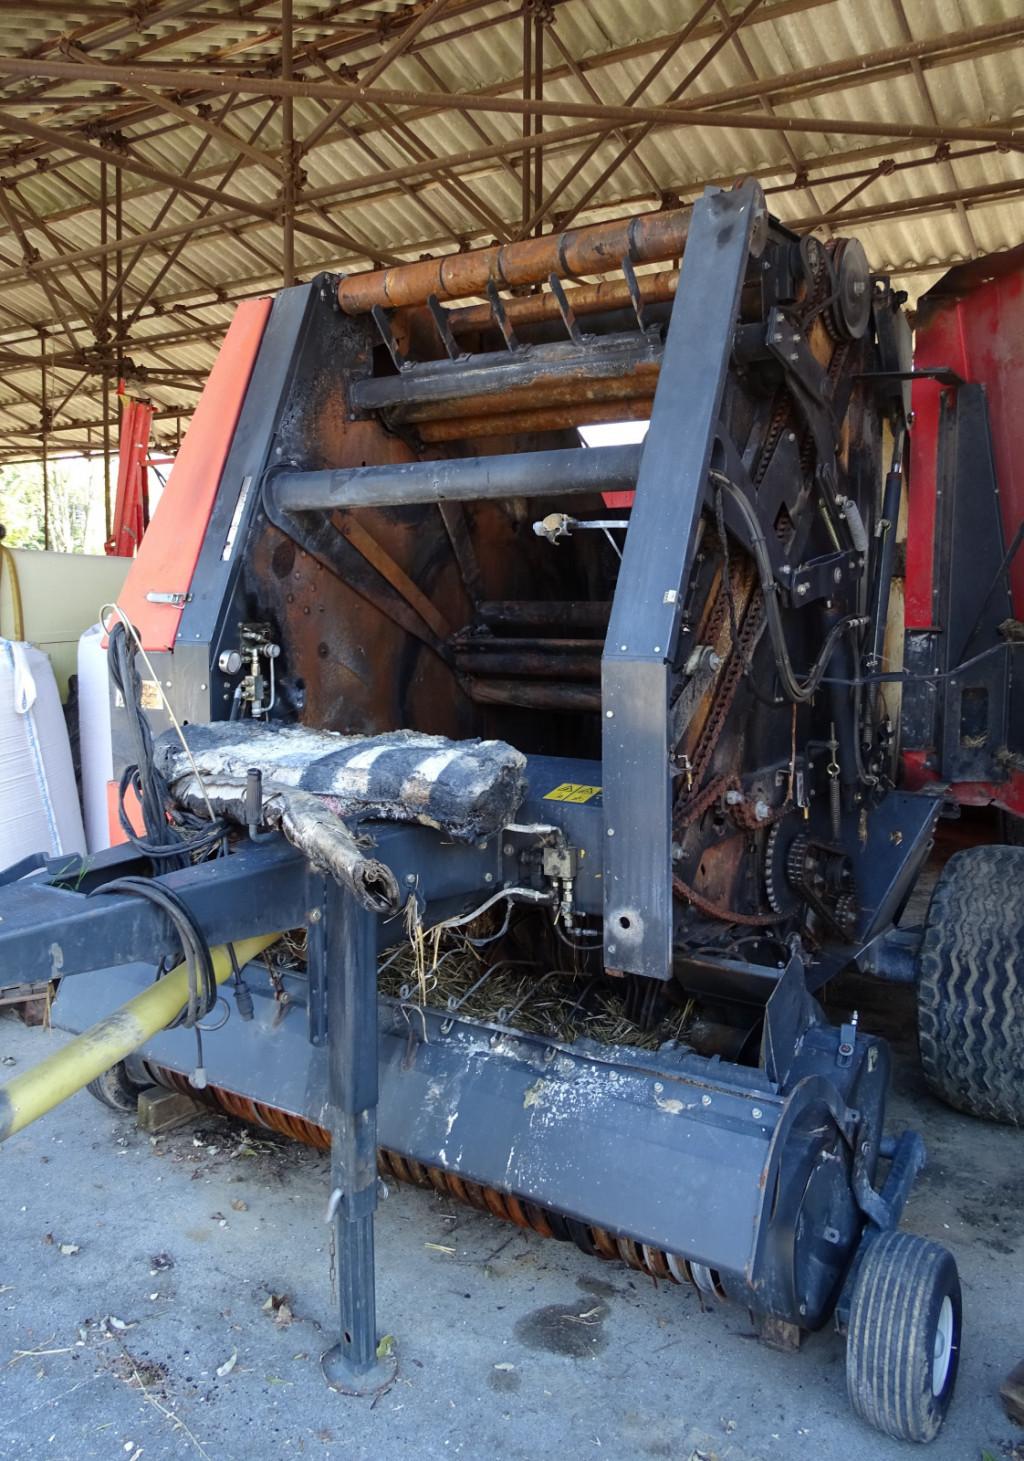 Če zagori priključek – npr. balirka, je potrebno traktor odklopiti in odpeljati stran, da se ogenj ne razširi nanj. (Foto: Tomaž Poje)